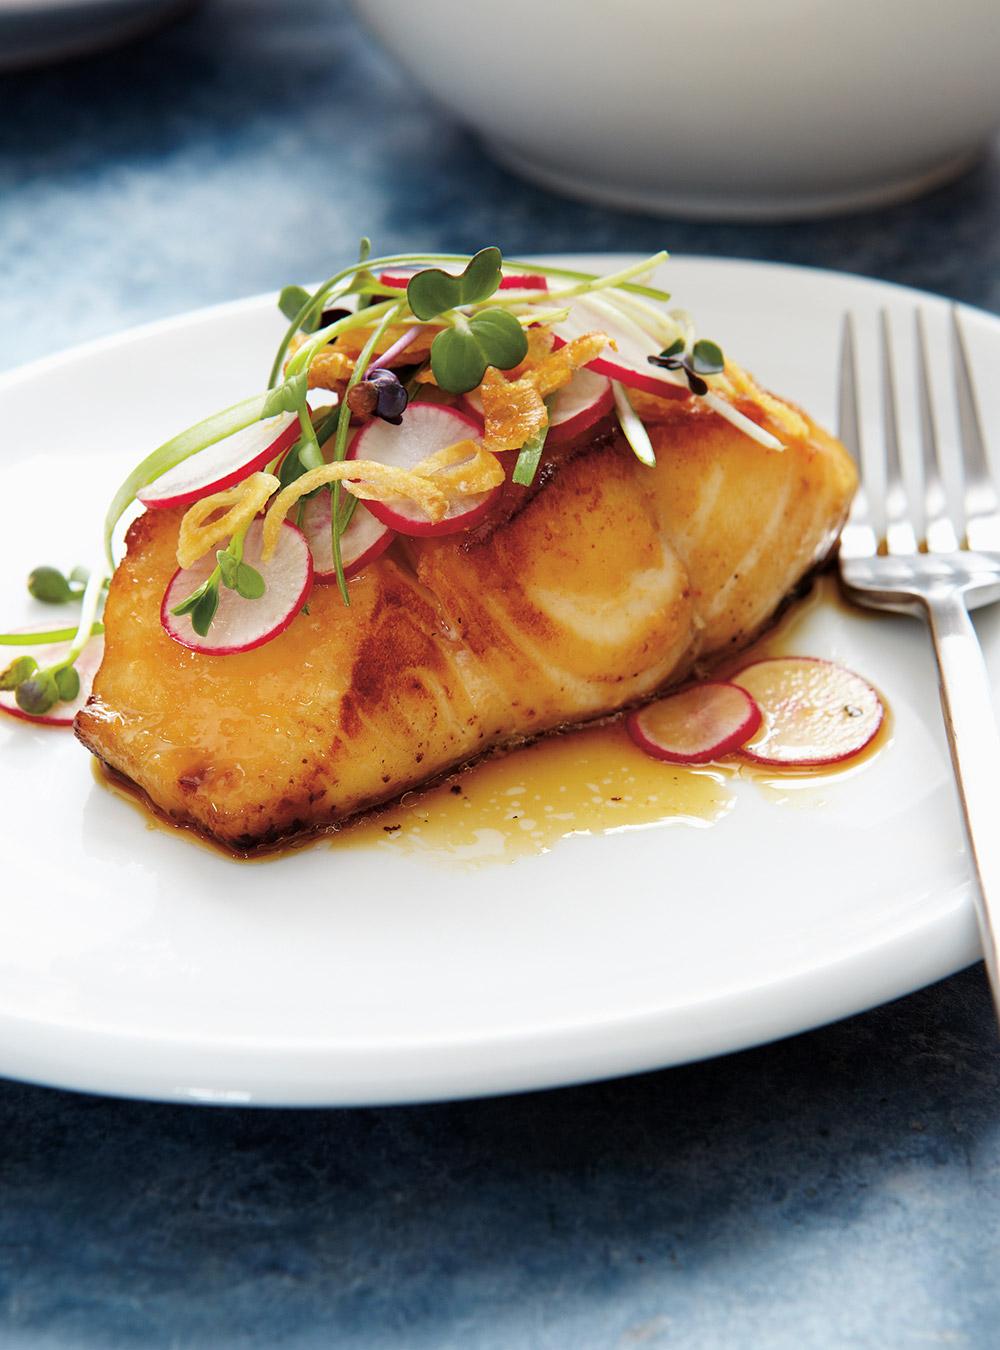 Cuisinez les poissons comme un chef  page 7 | ricardo